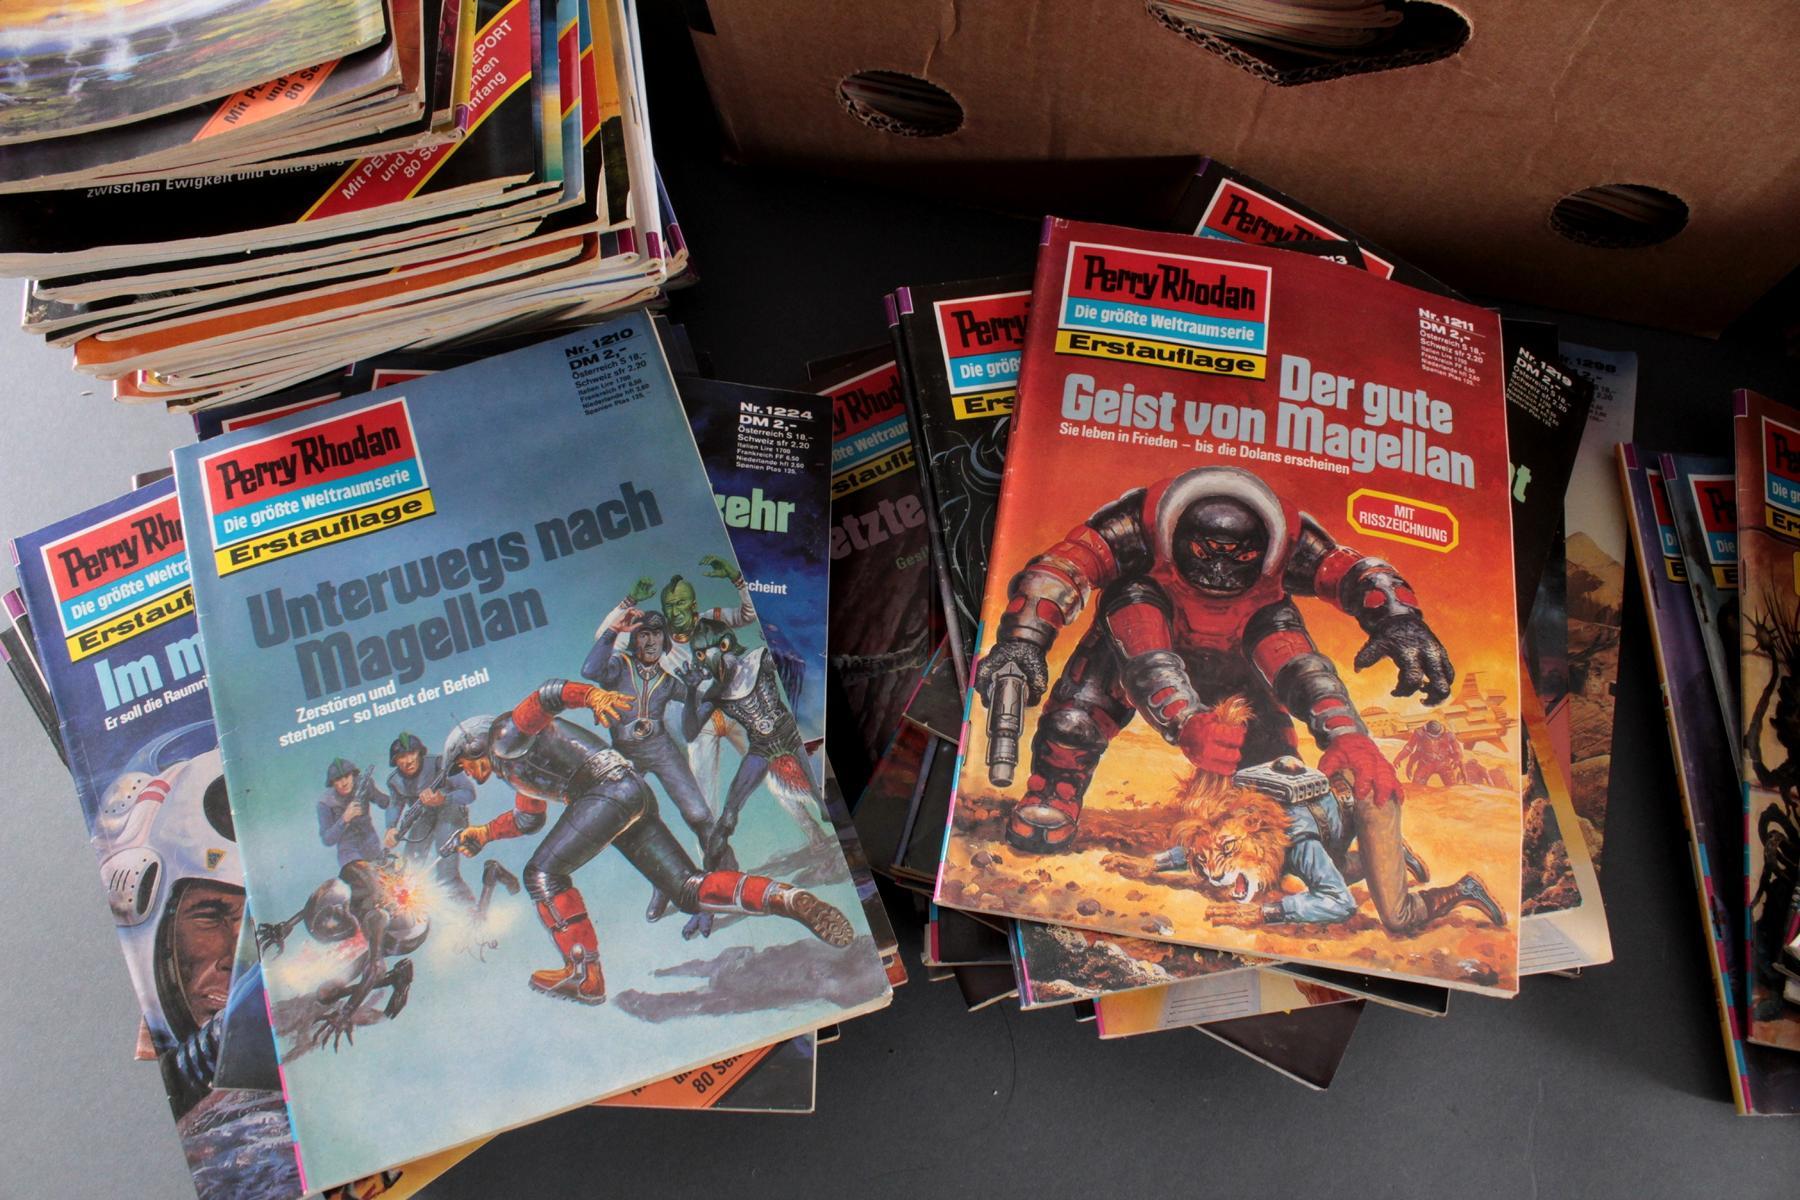 Sammlung Perry Rodan Hefte, dabei auch Erstauflage-4